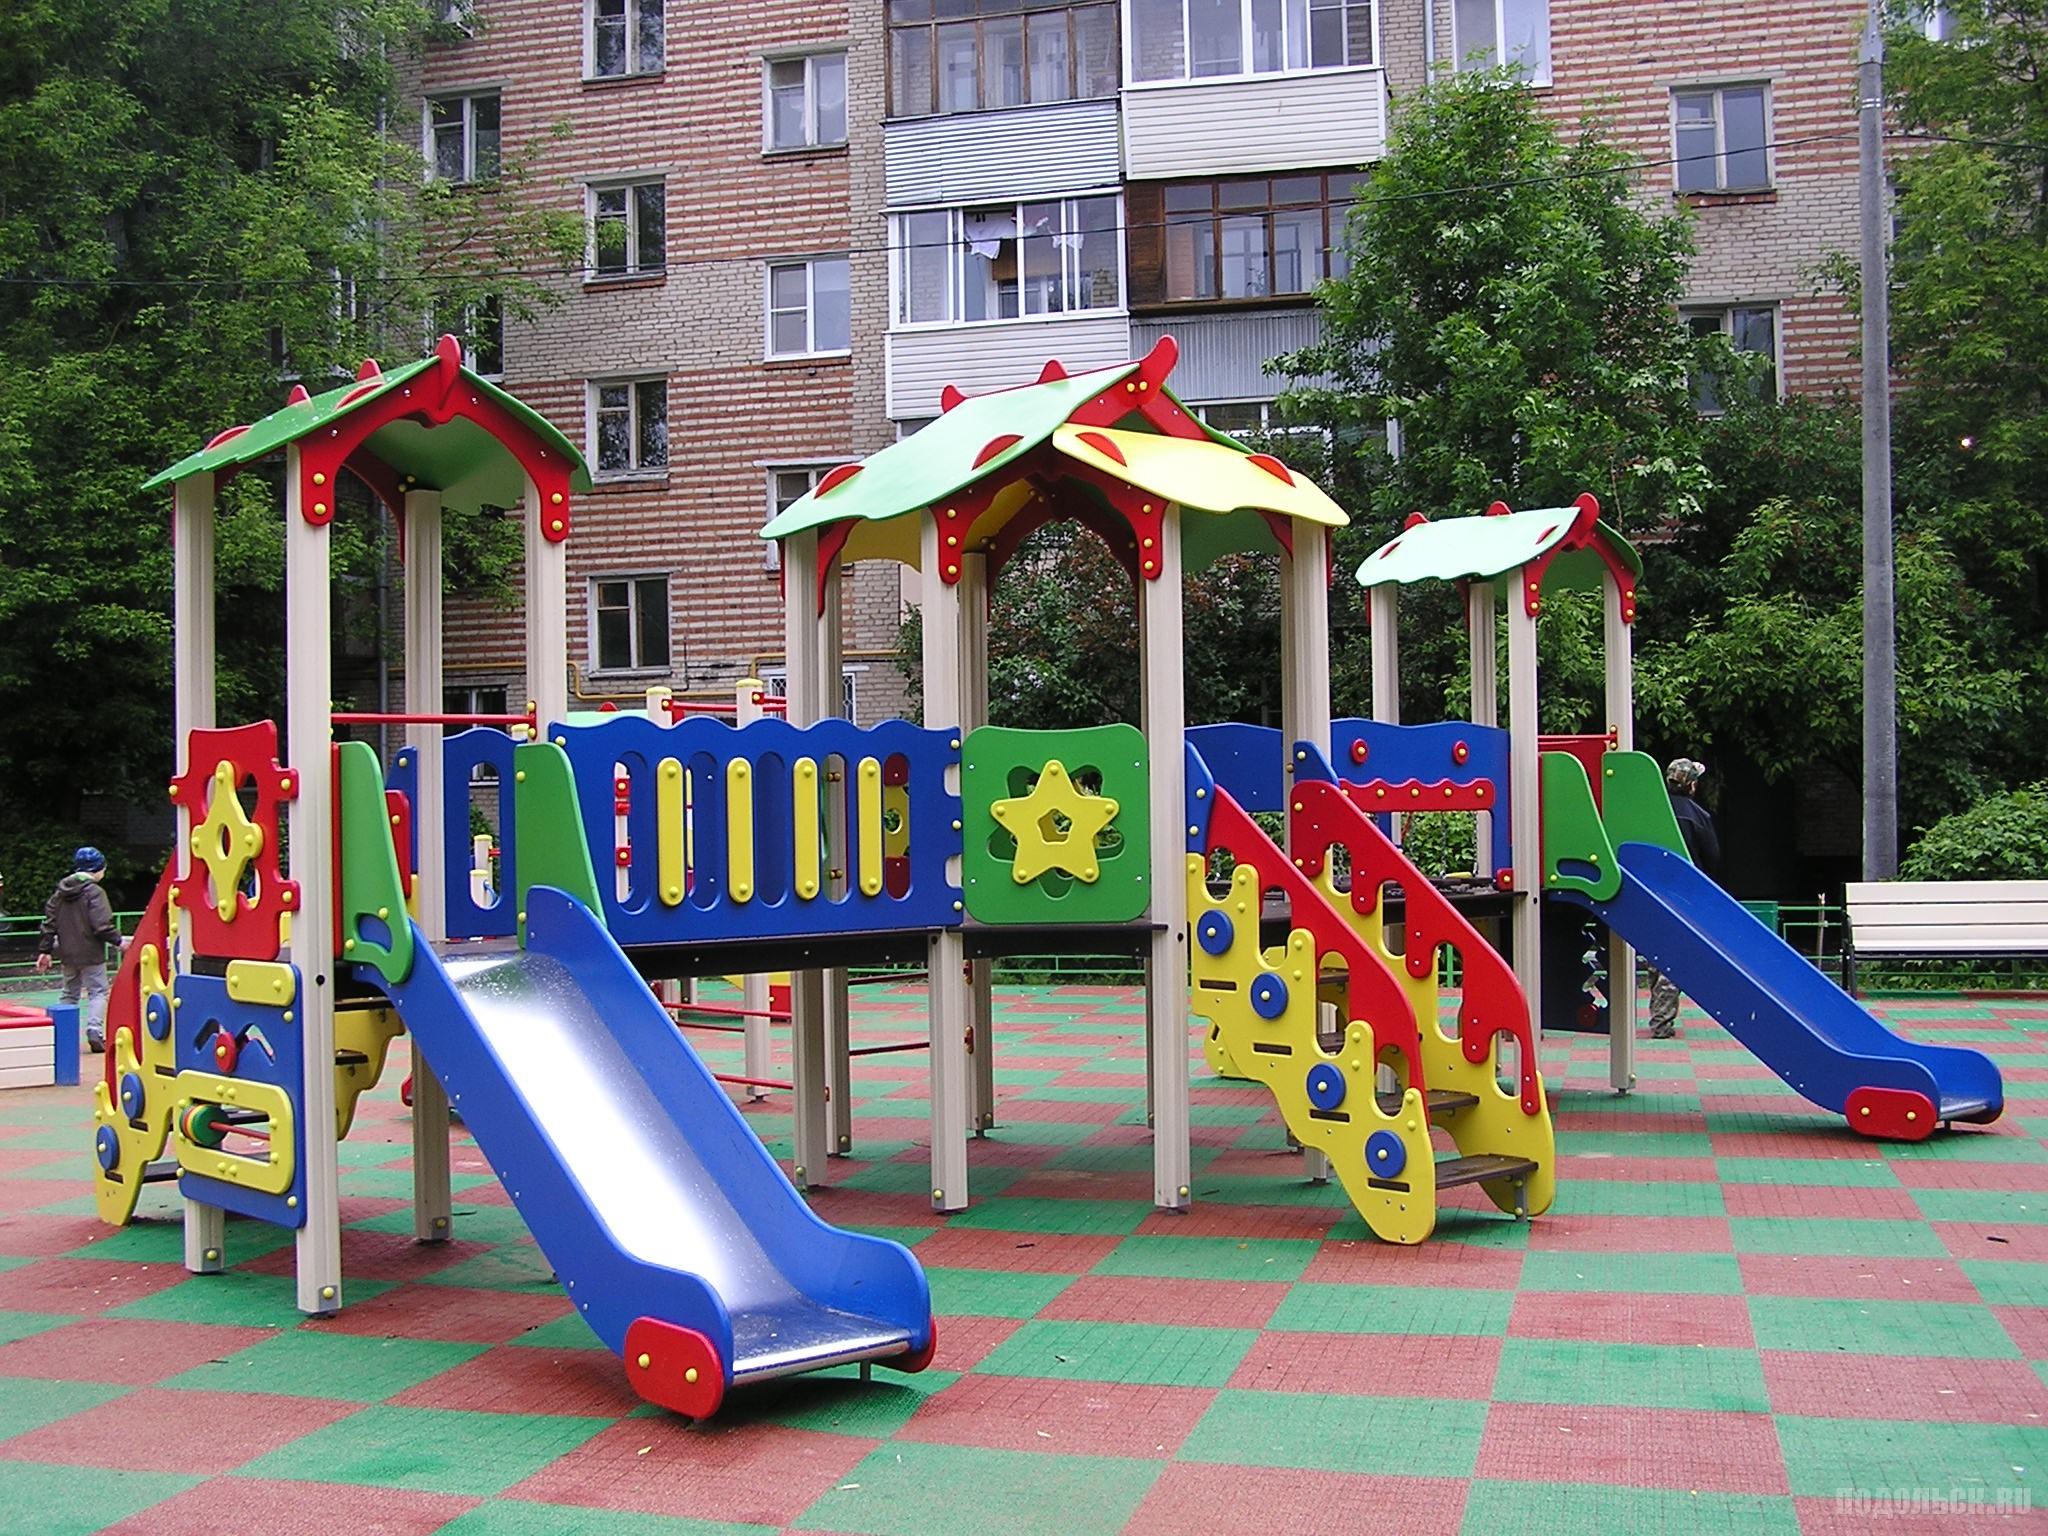 Двор на проспекте. Детская площадка. Июнь 2017.